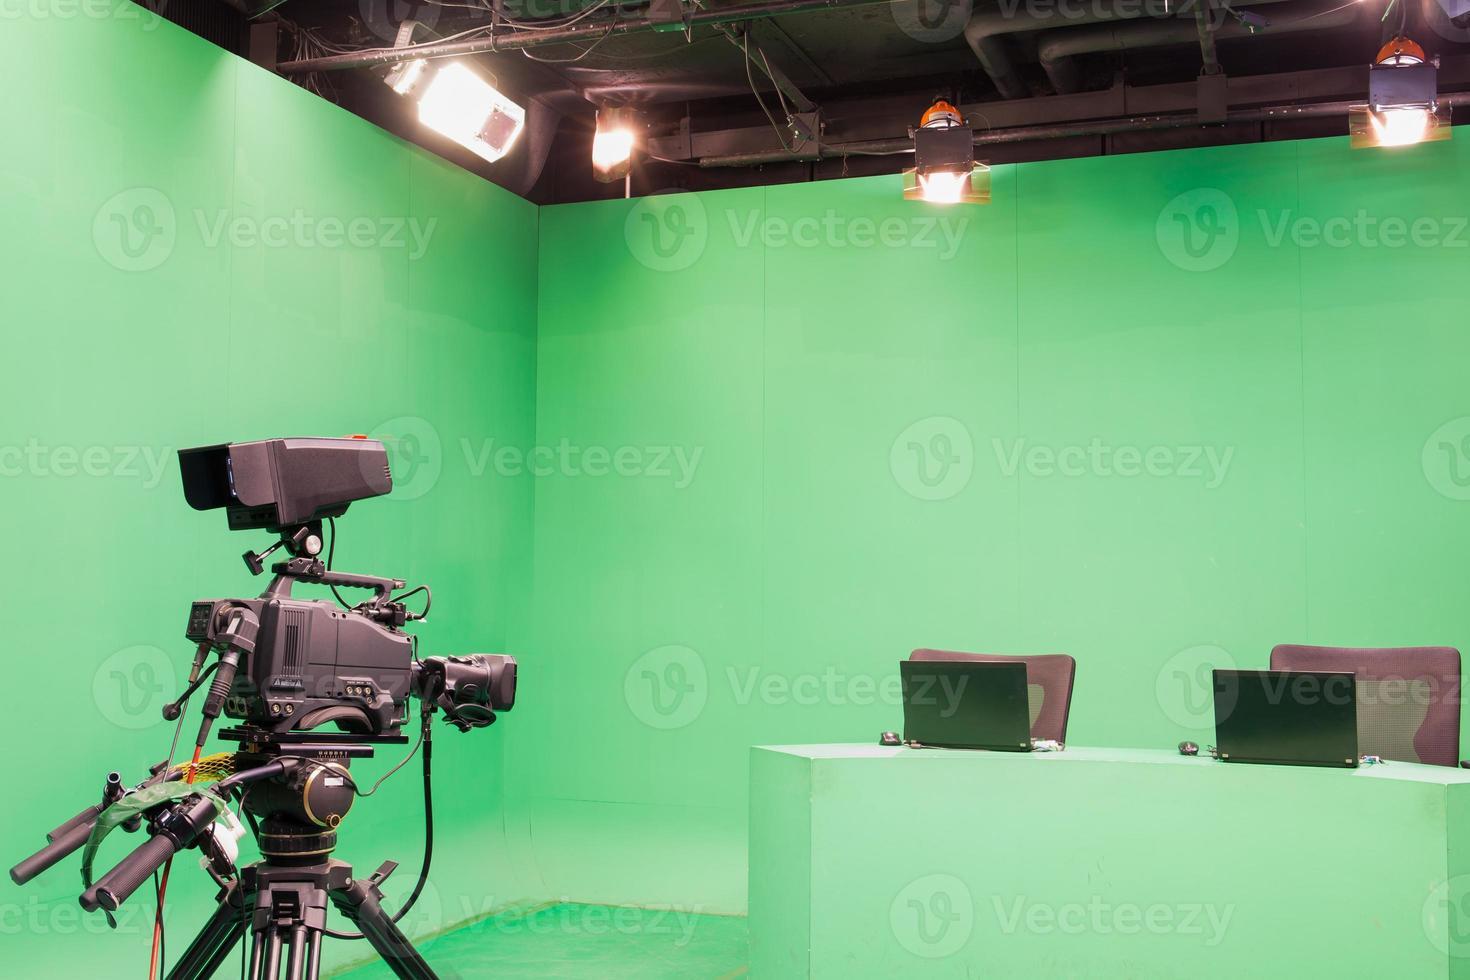 televisiestudio foto